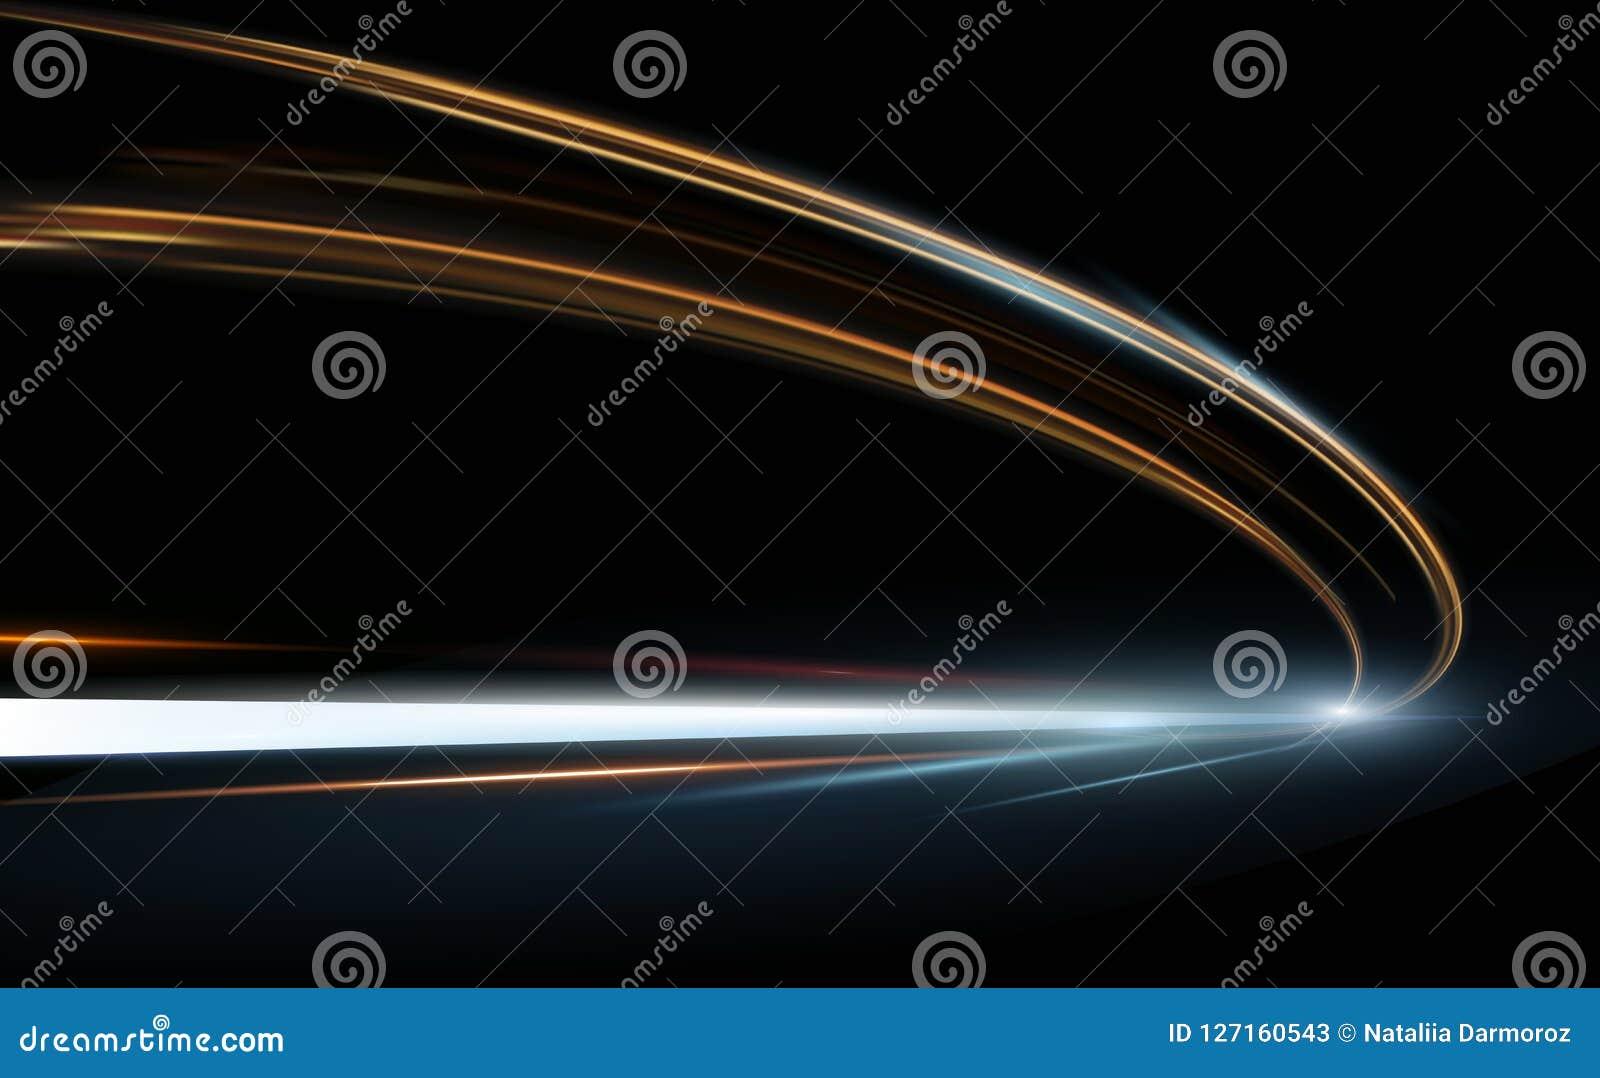 Wektorowa ilustracja abstrakt, nauka, futurystycznej, energetycznej technologii pojęcie, Obraz cyfrowy strzała znak, linie z